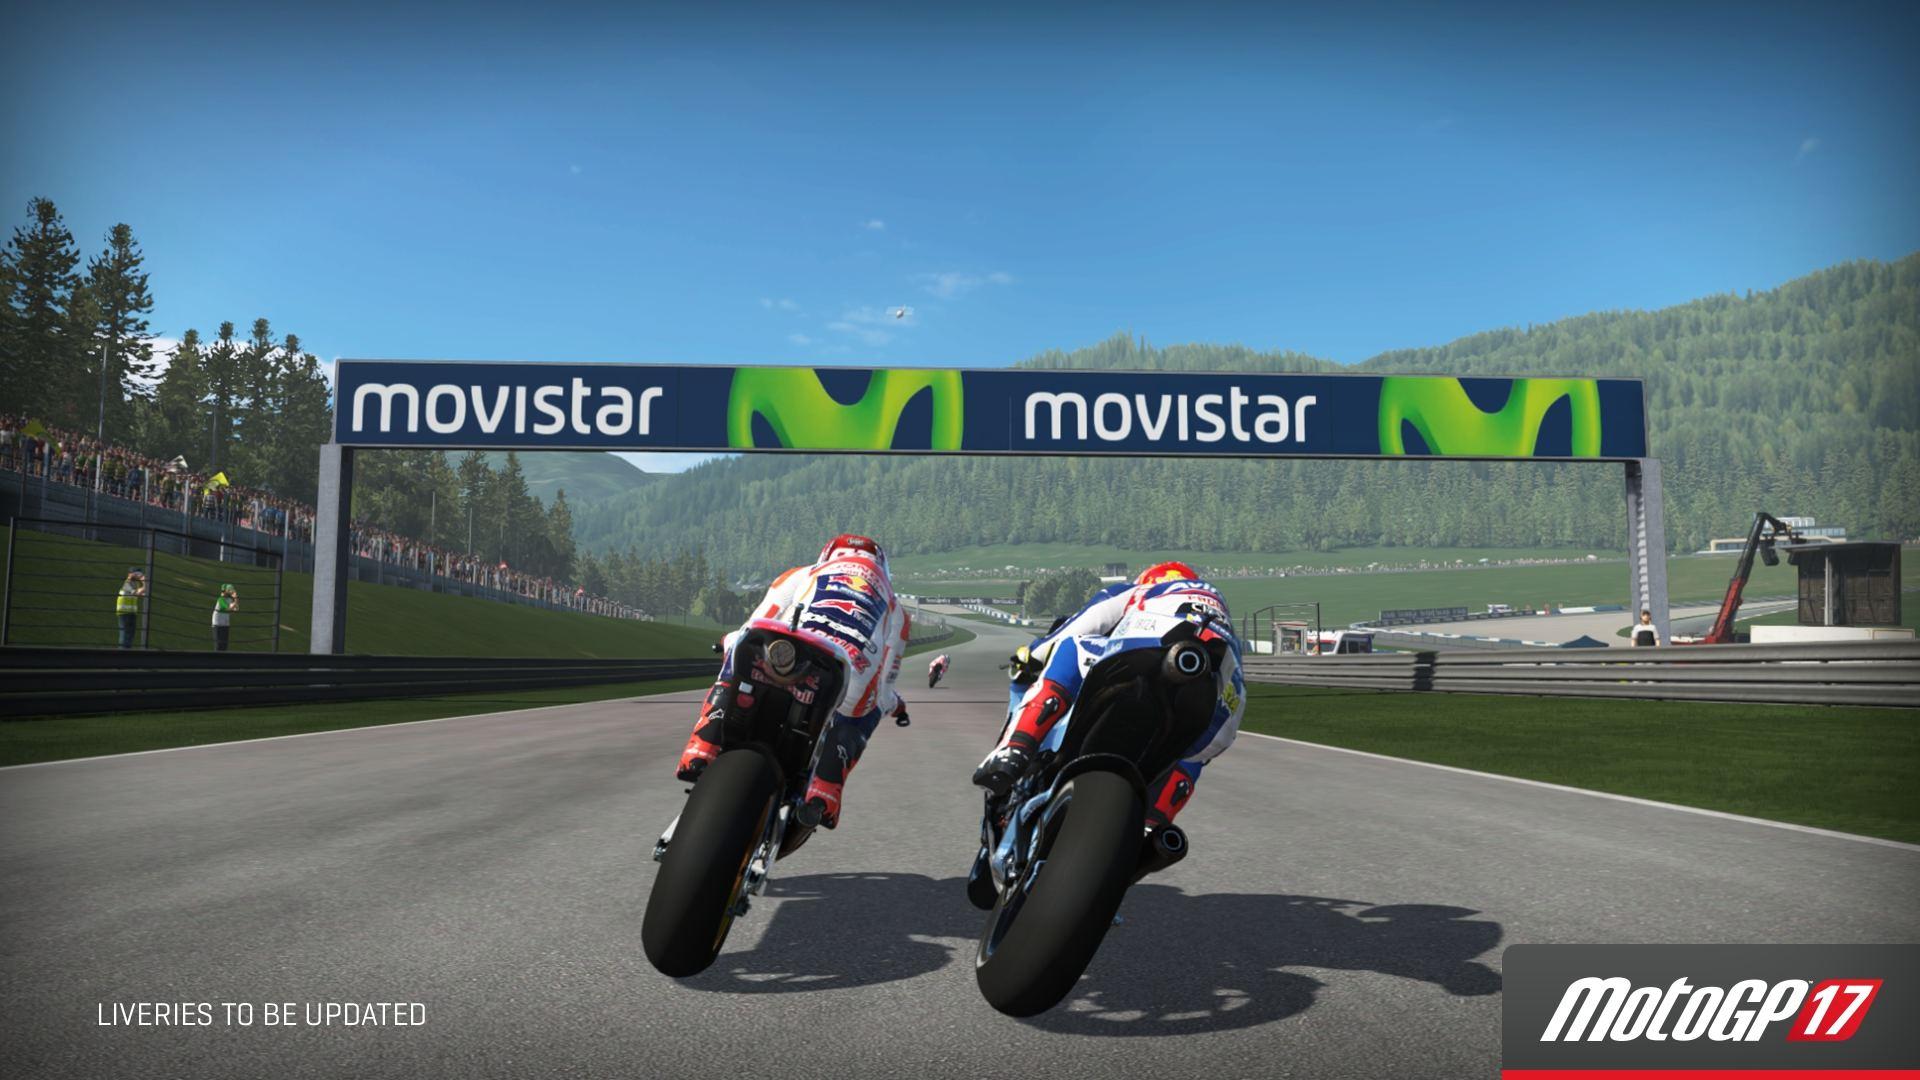 MotoGP 17 - Bild 1 | playm.de